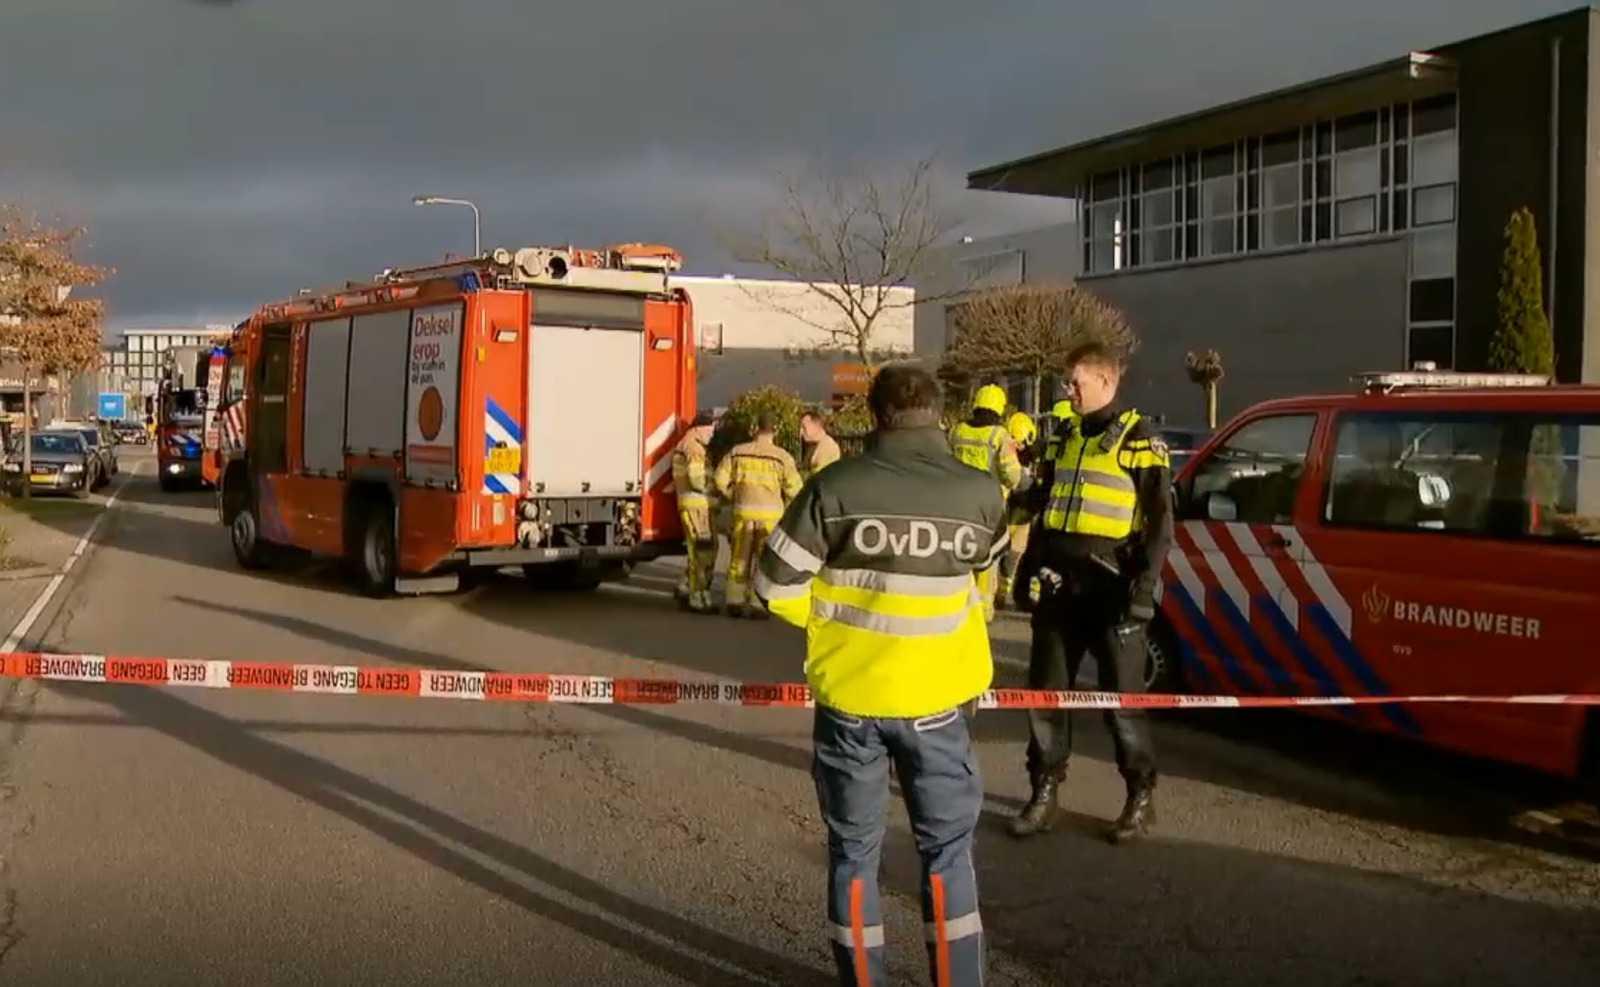 Полиция и пожарные в Керкраде. Кадр из видео NOS.